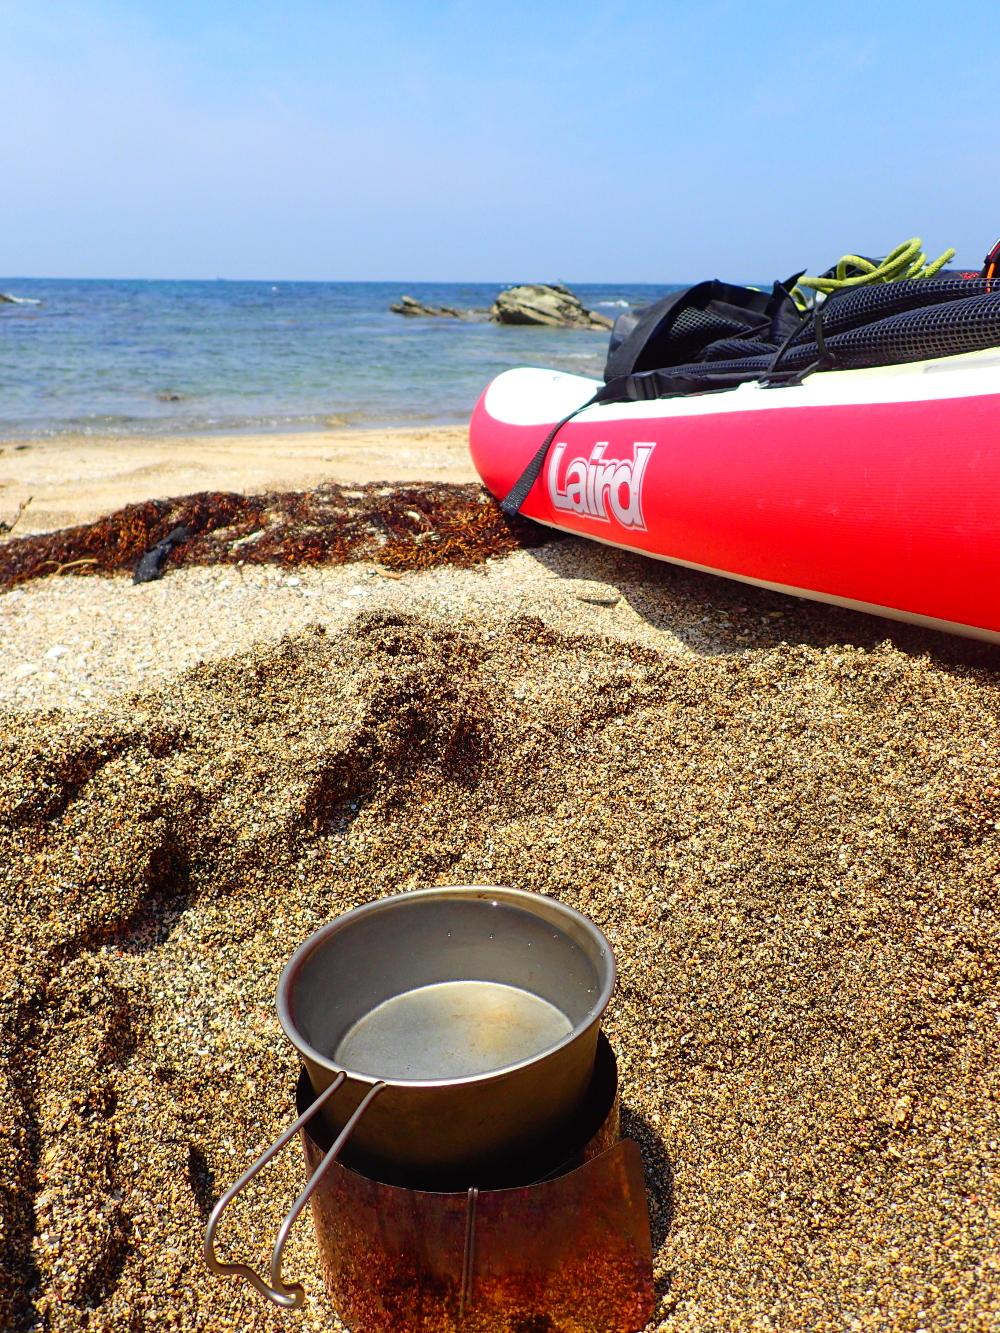 最低限の装備で昼食の準備。ホントは焚火が良かったんだけど、アルコールストーブとロッキーカップでお湯を沸かす。砂を掘って風を避けるように、少しだけ工夫してみた。